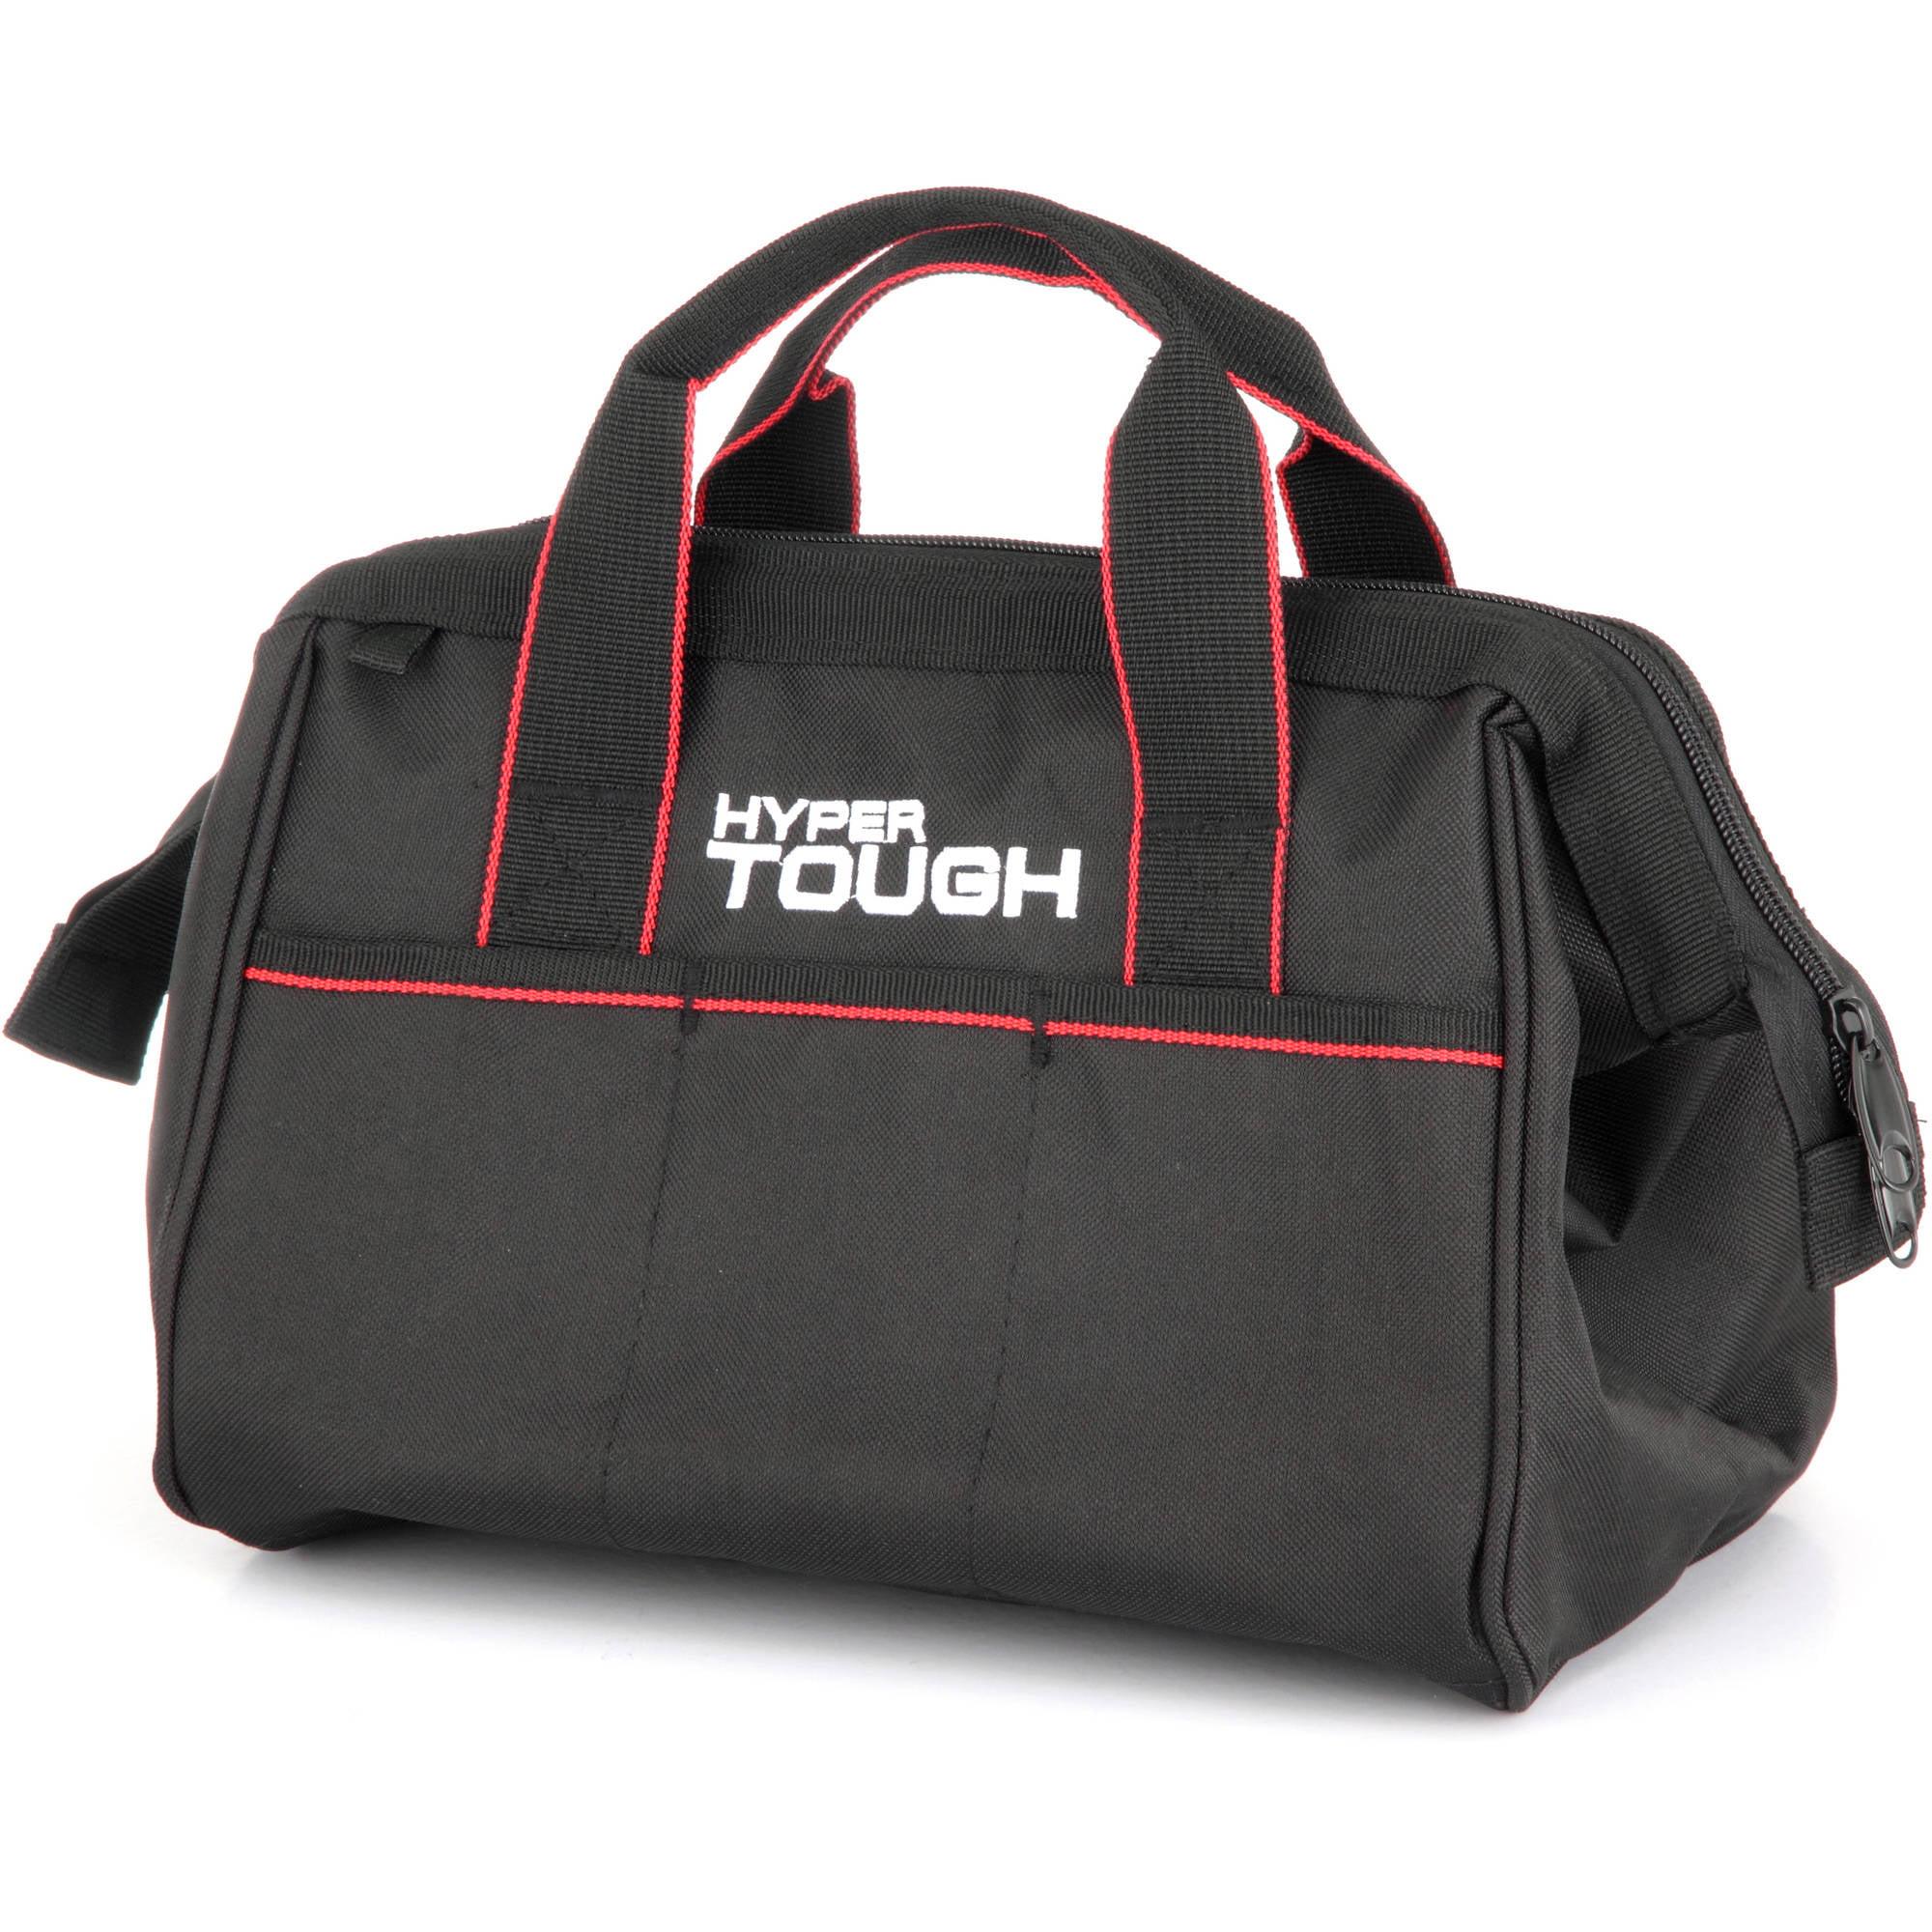 Hyper Tough TT50023Z 12-Inch Zipper Tool Bag with Carry Handles